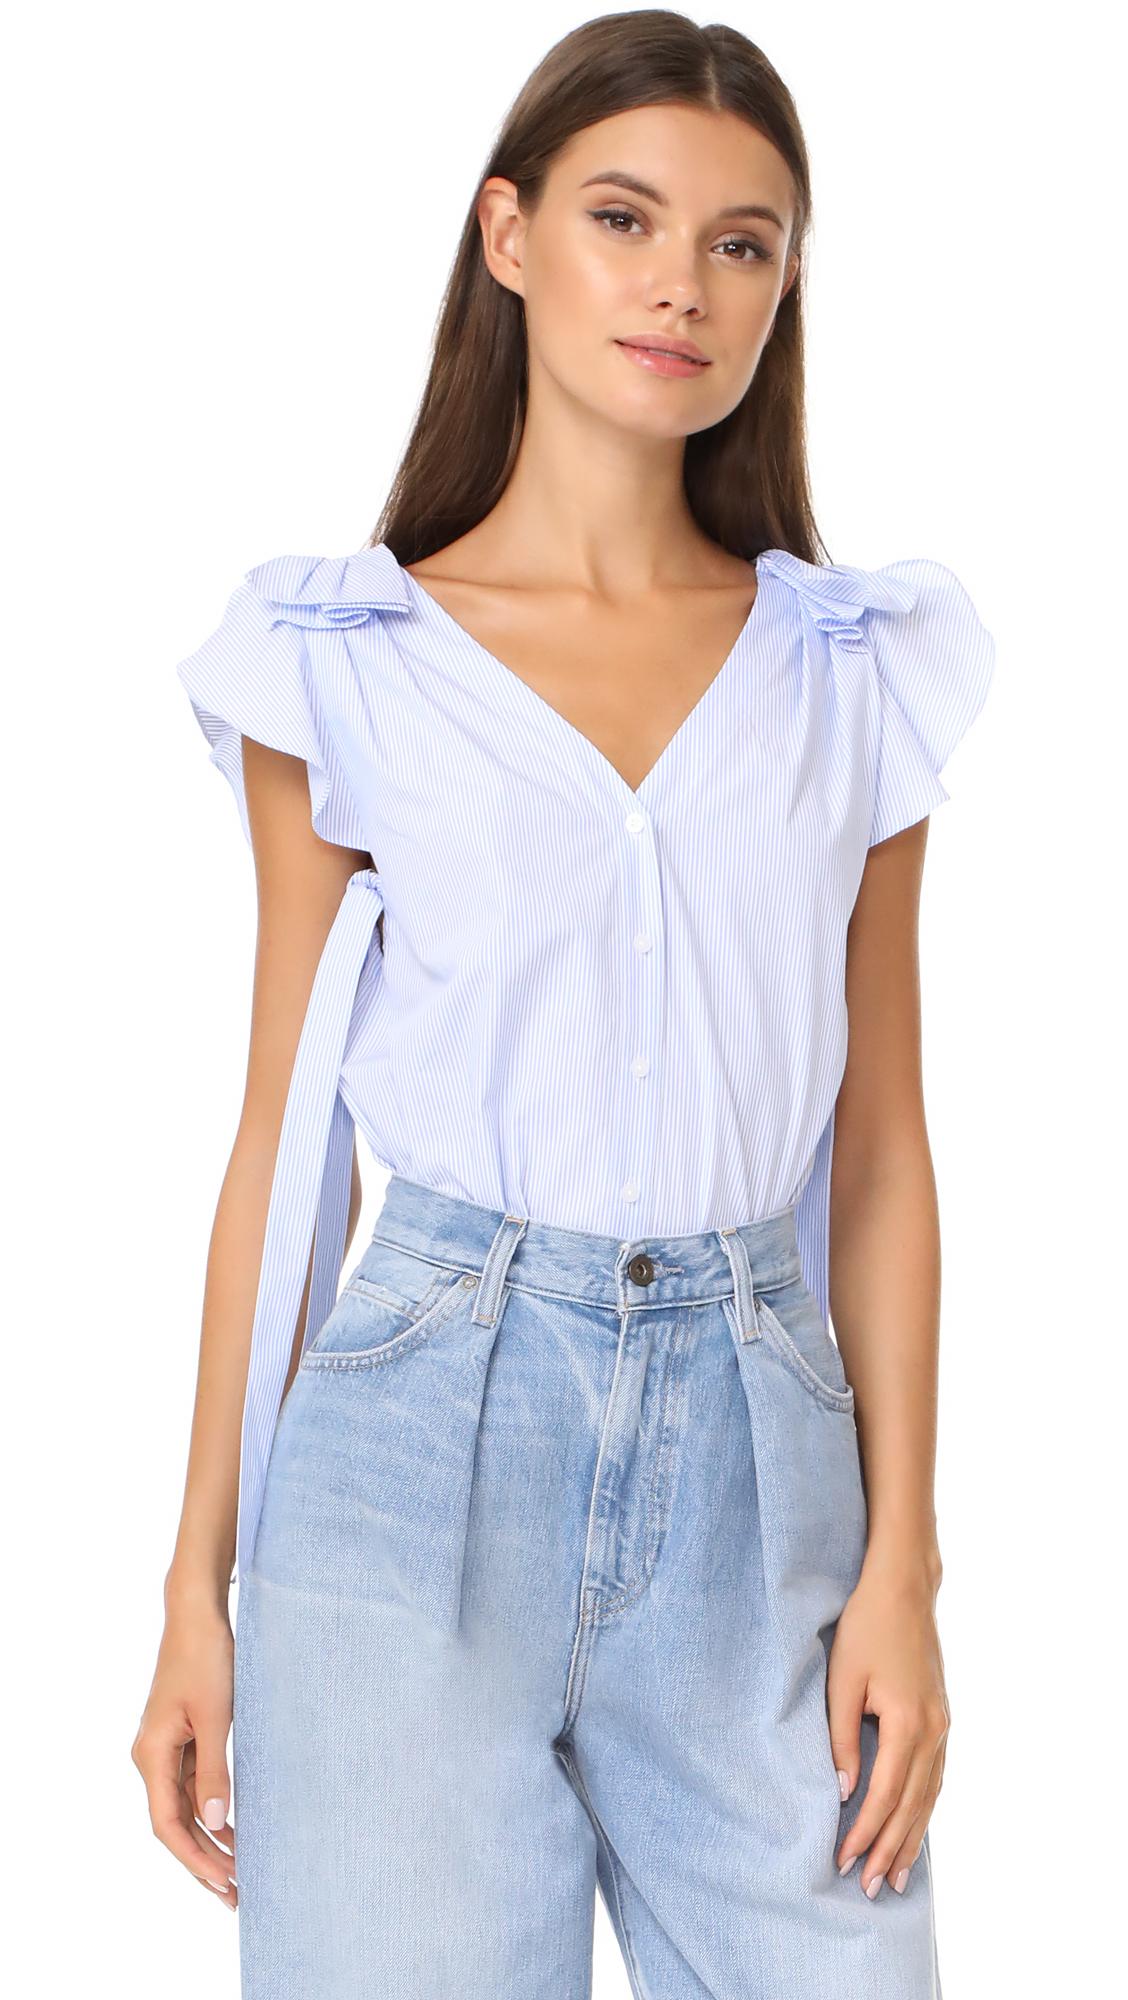 Club Monaco Stonli Shirt - Blue/White